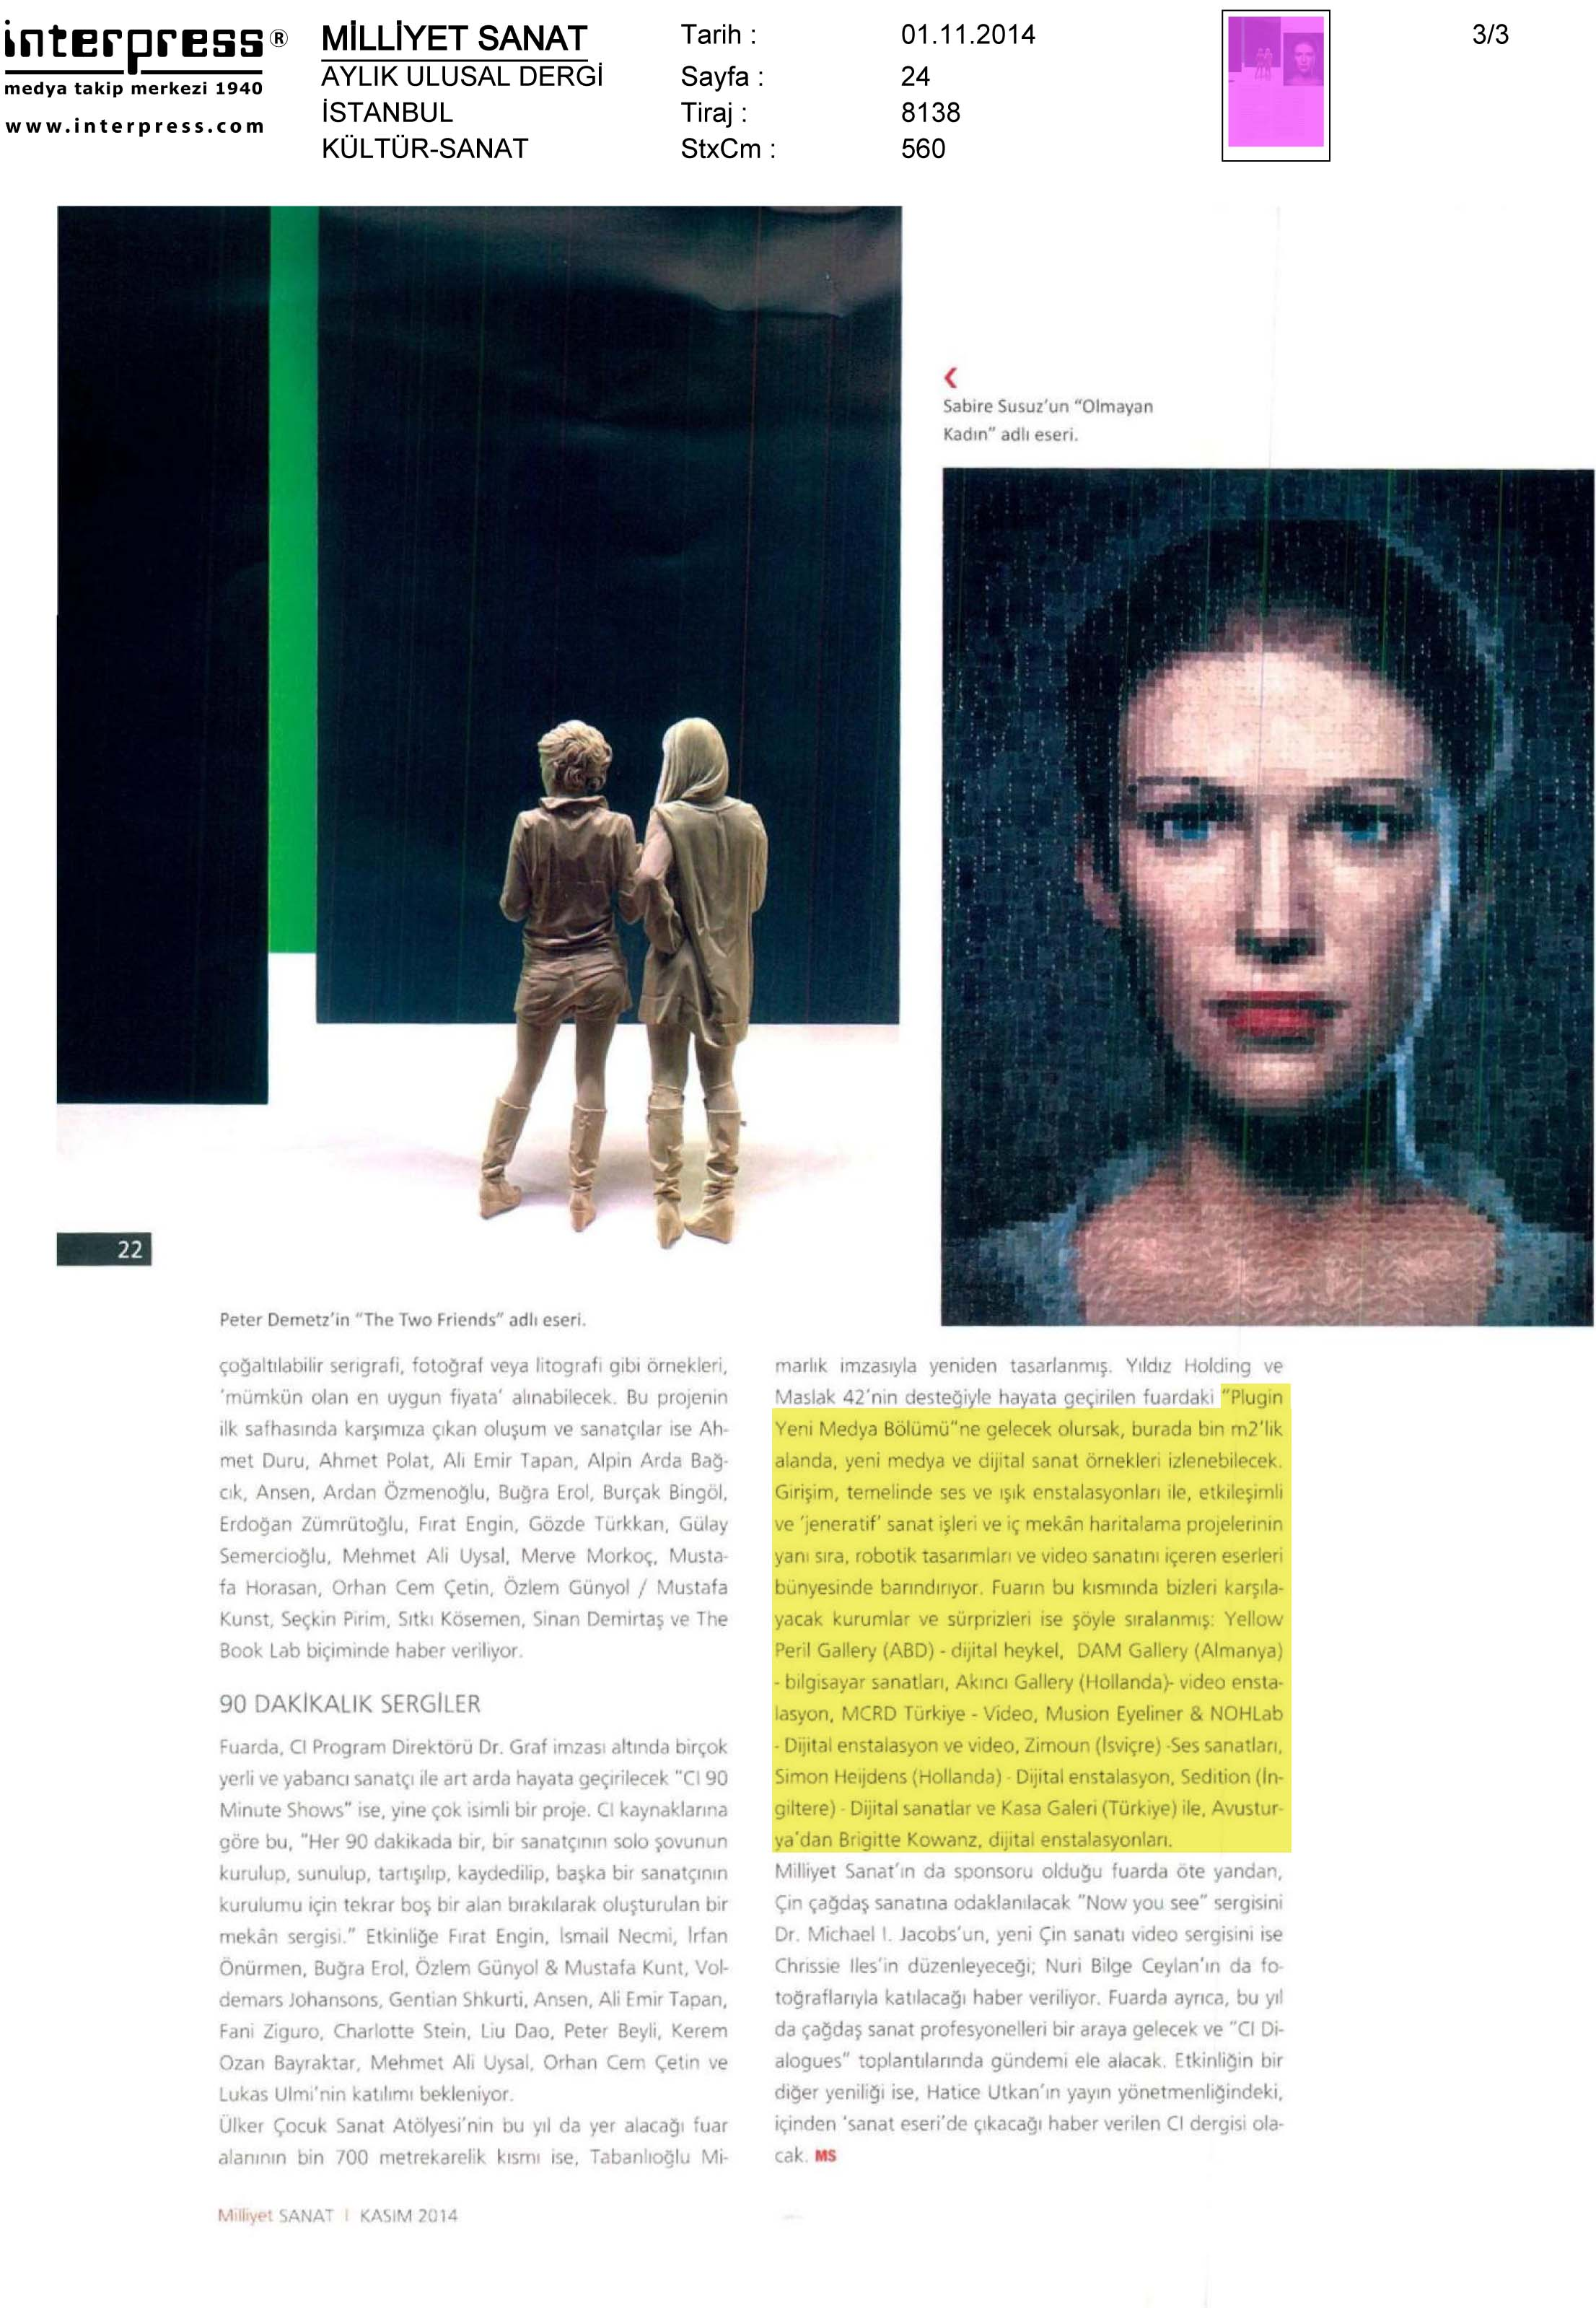 Milliyet Sanat - Aylık Ulusal Dergi - 01-11-3.jpg